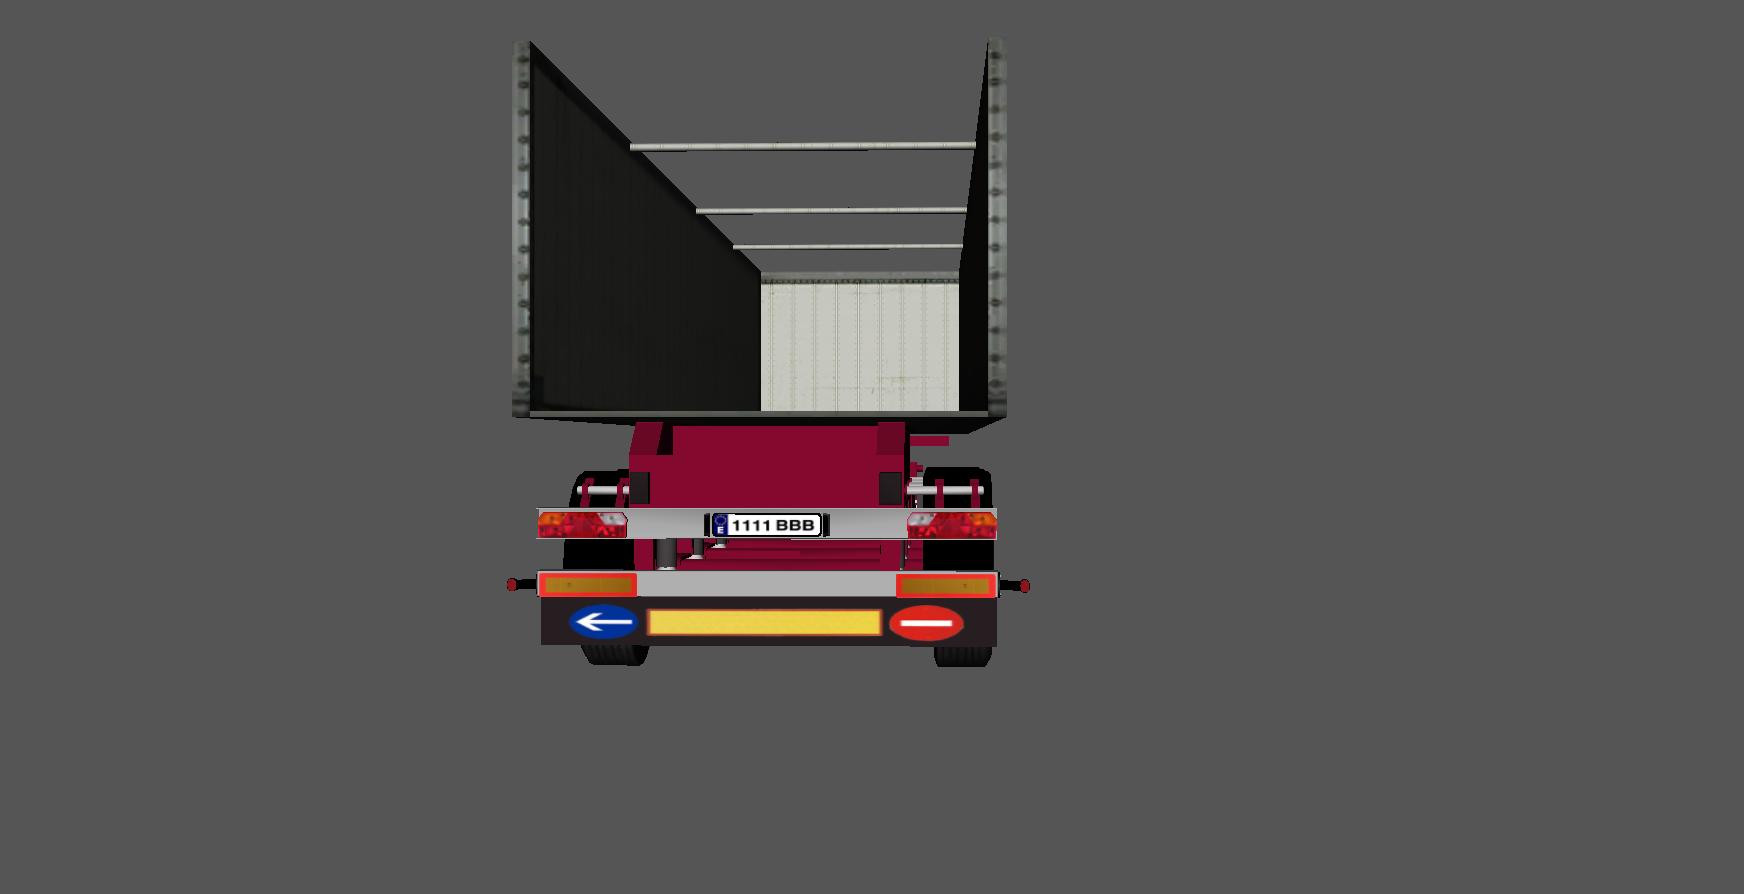 [T.E.P.] Semitrailer  3ooue6